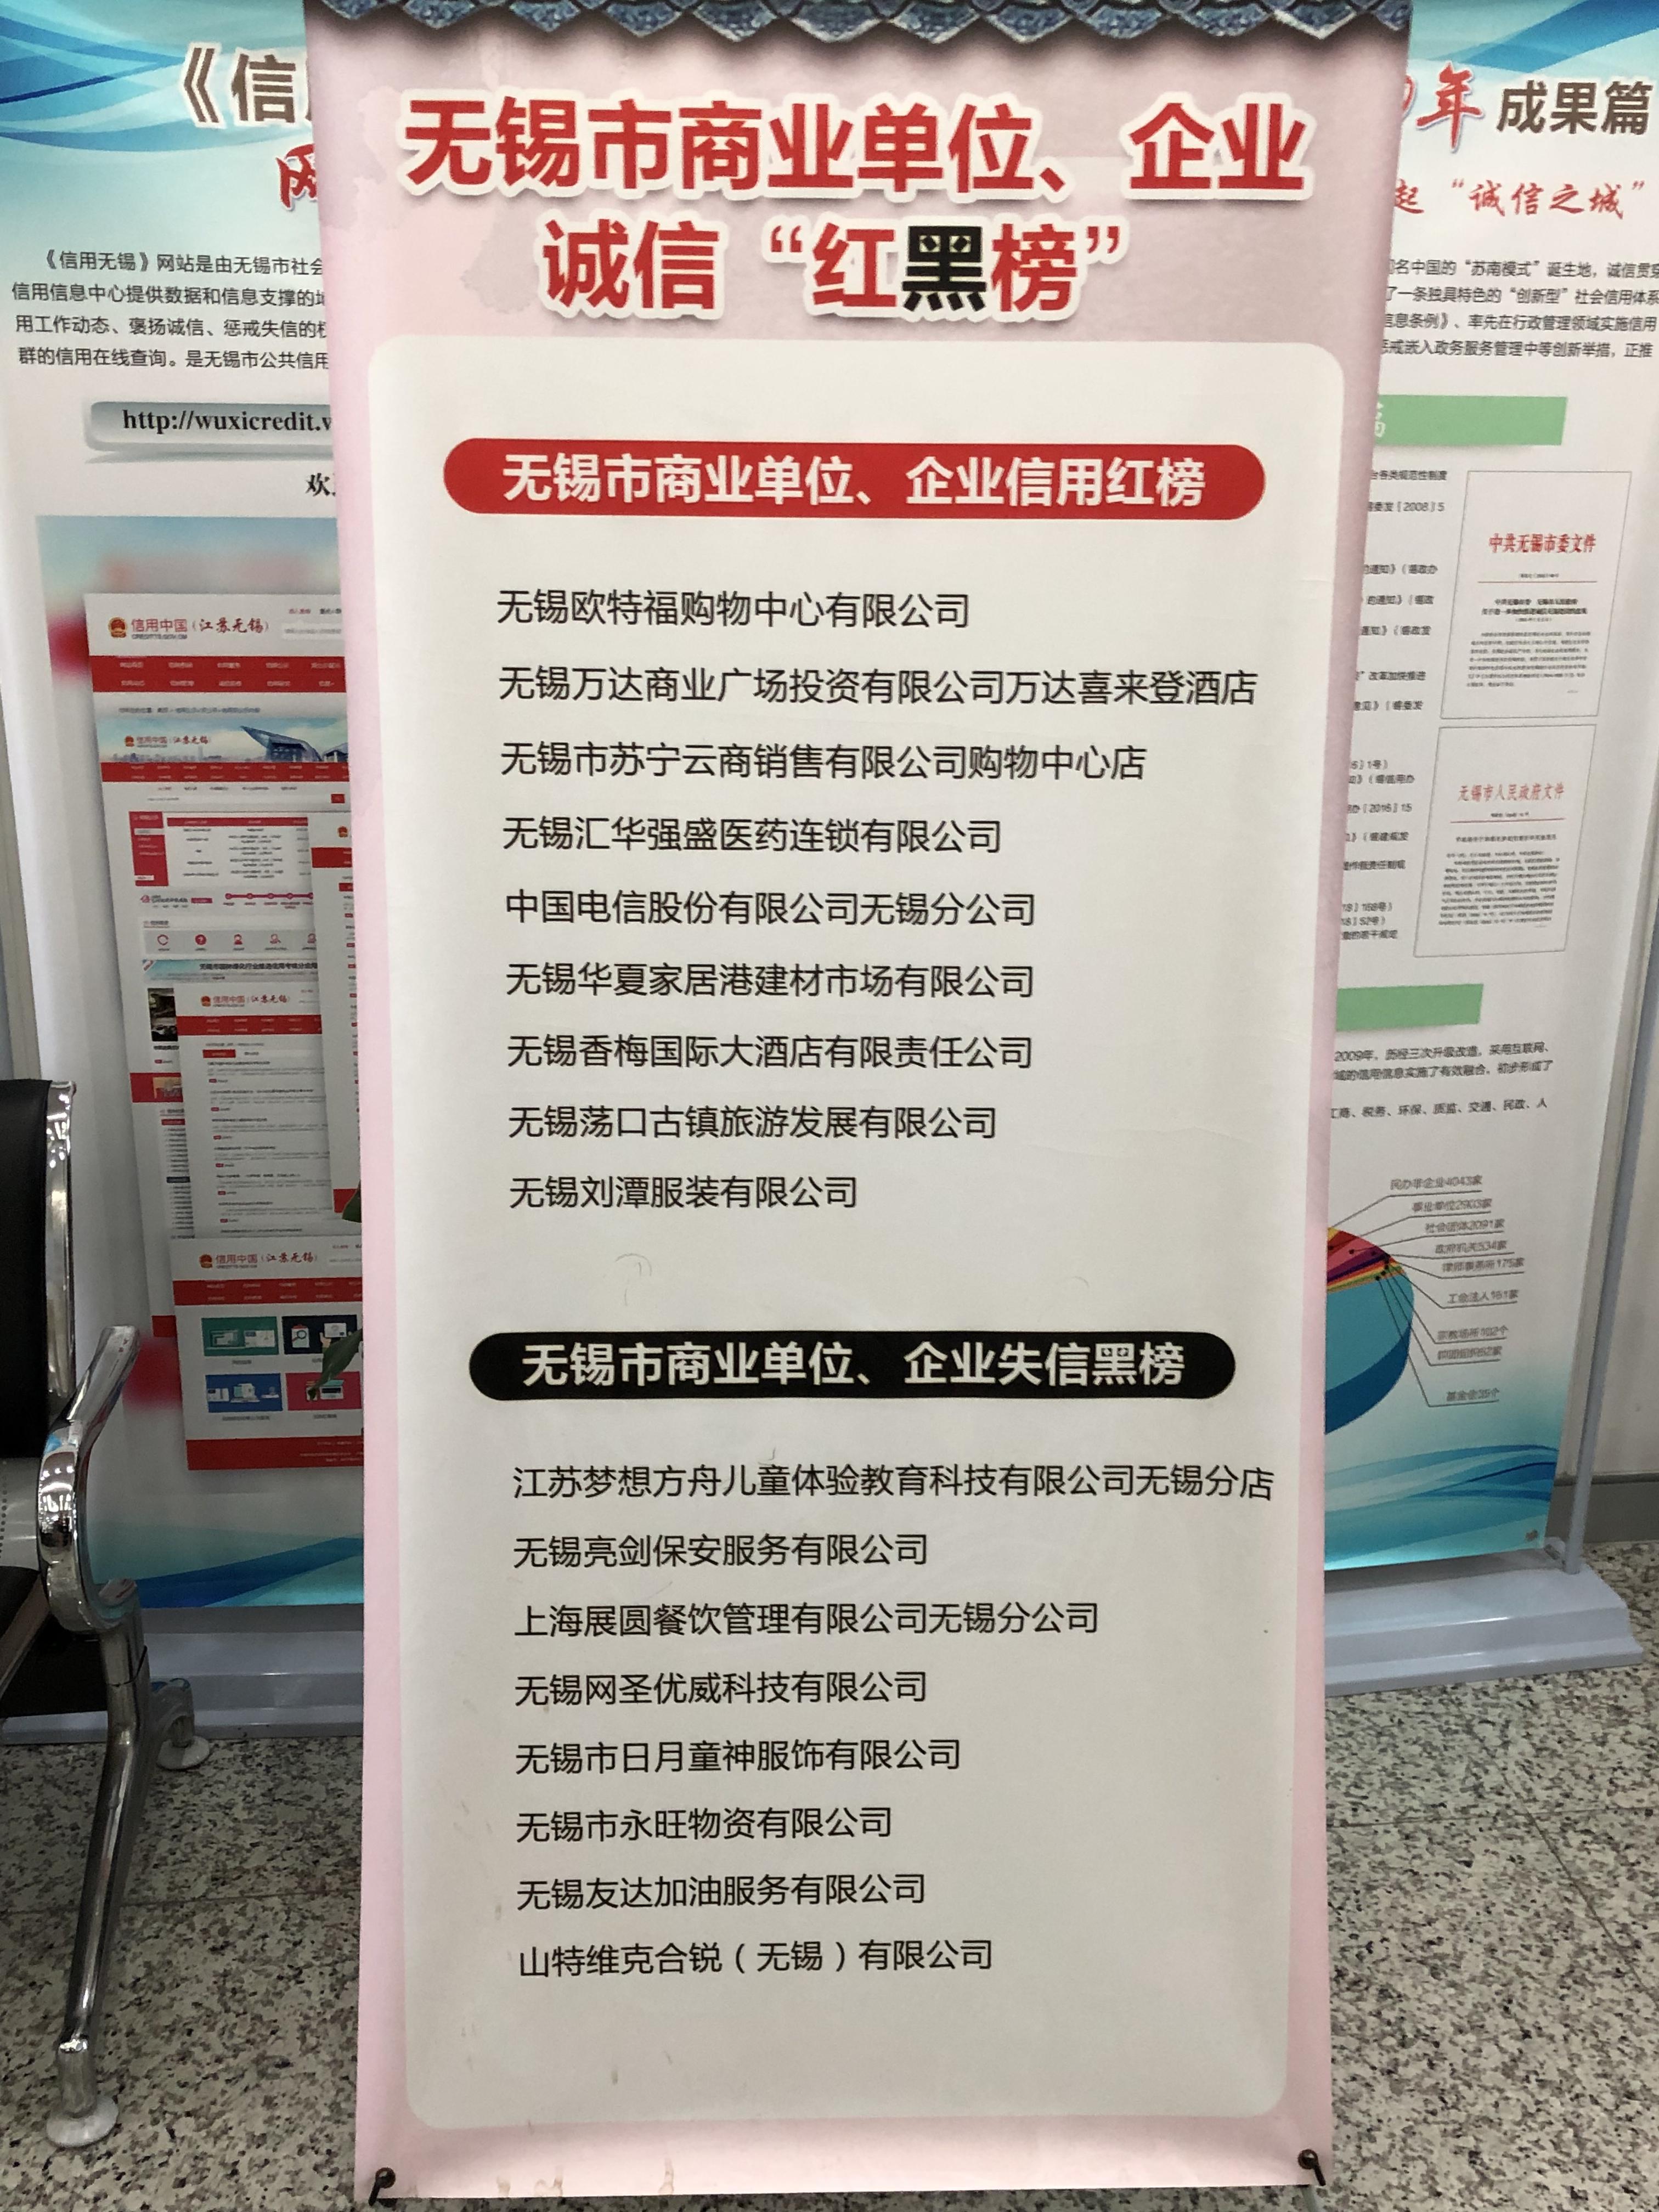 """刘潭服装荣登""""无锡市商业单位、企业诚信'红榜'"""